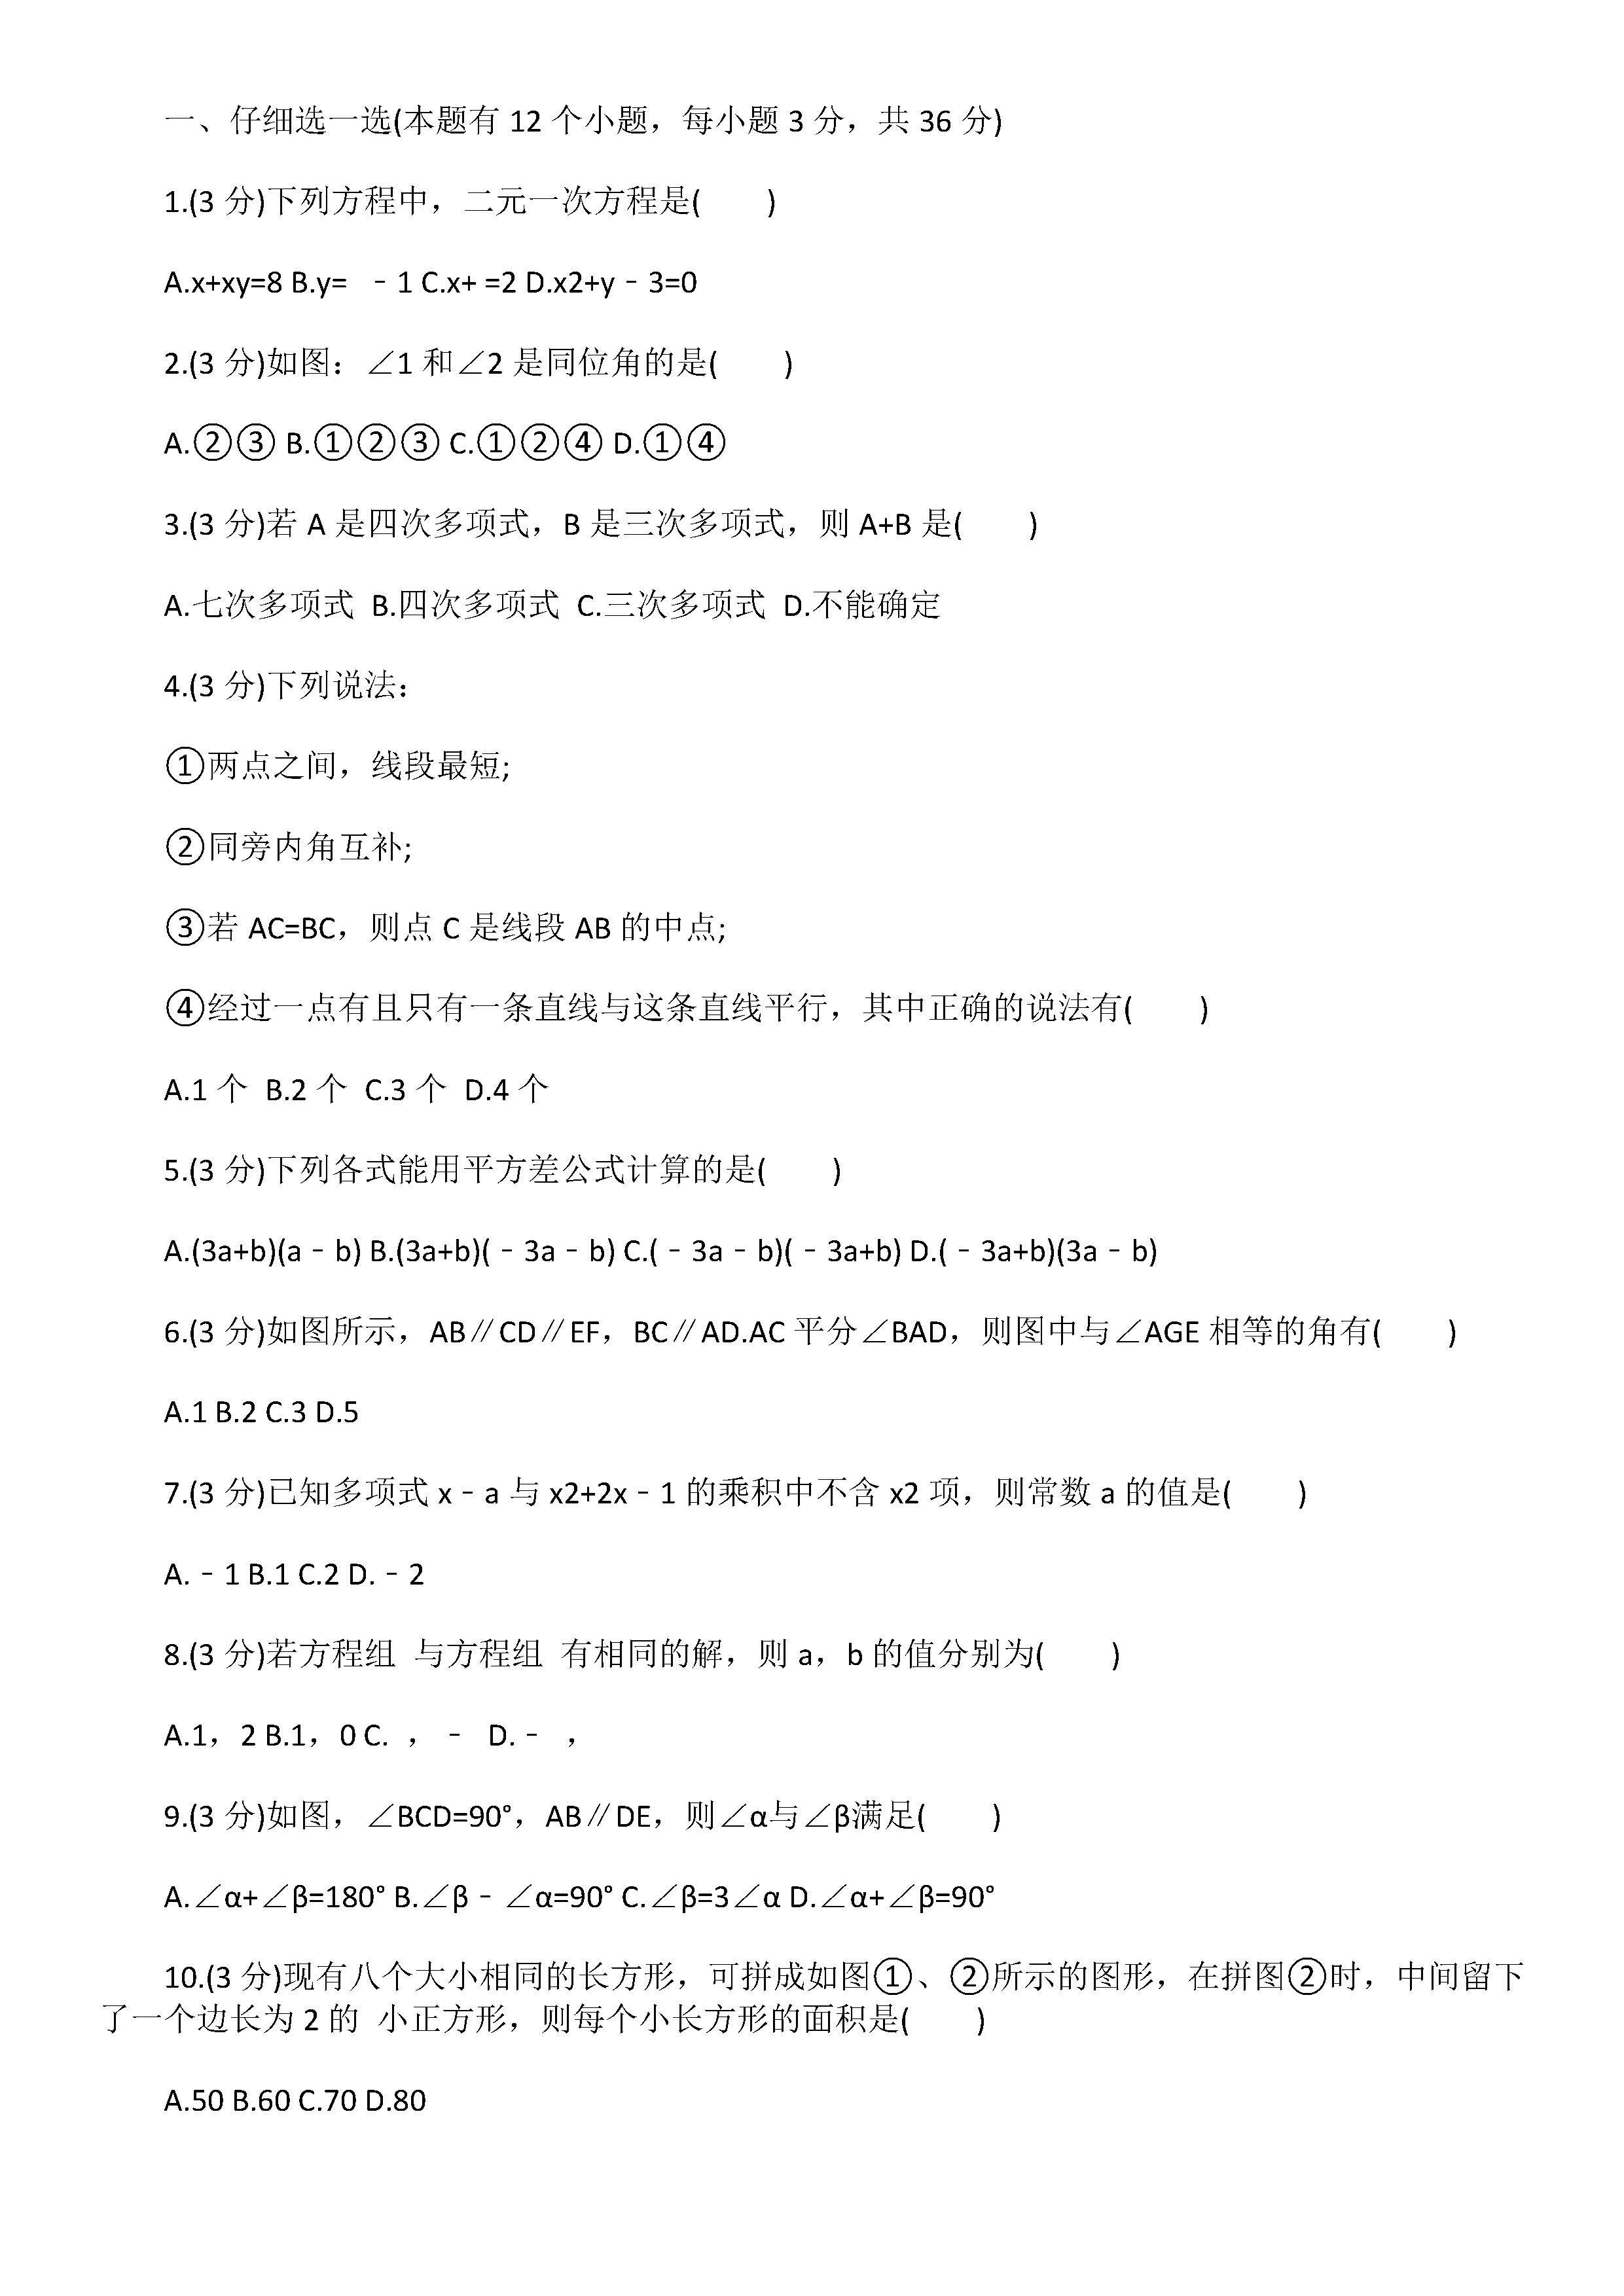 2019届七年级数学期中联考试题附答案解释(浙江省宁波市)